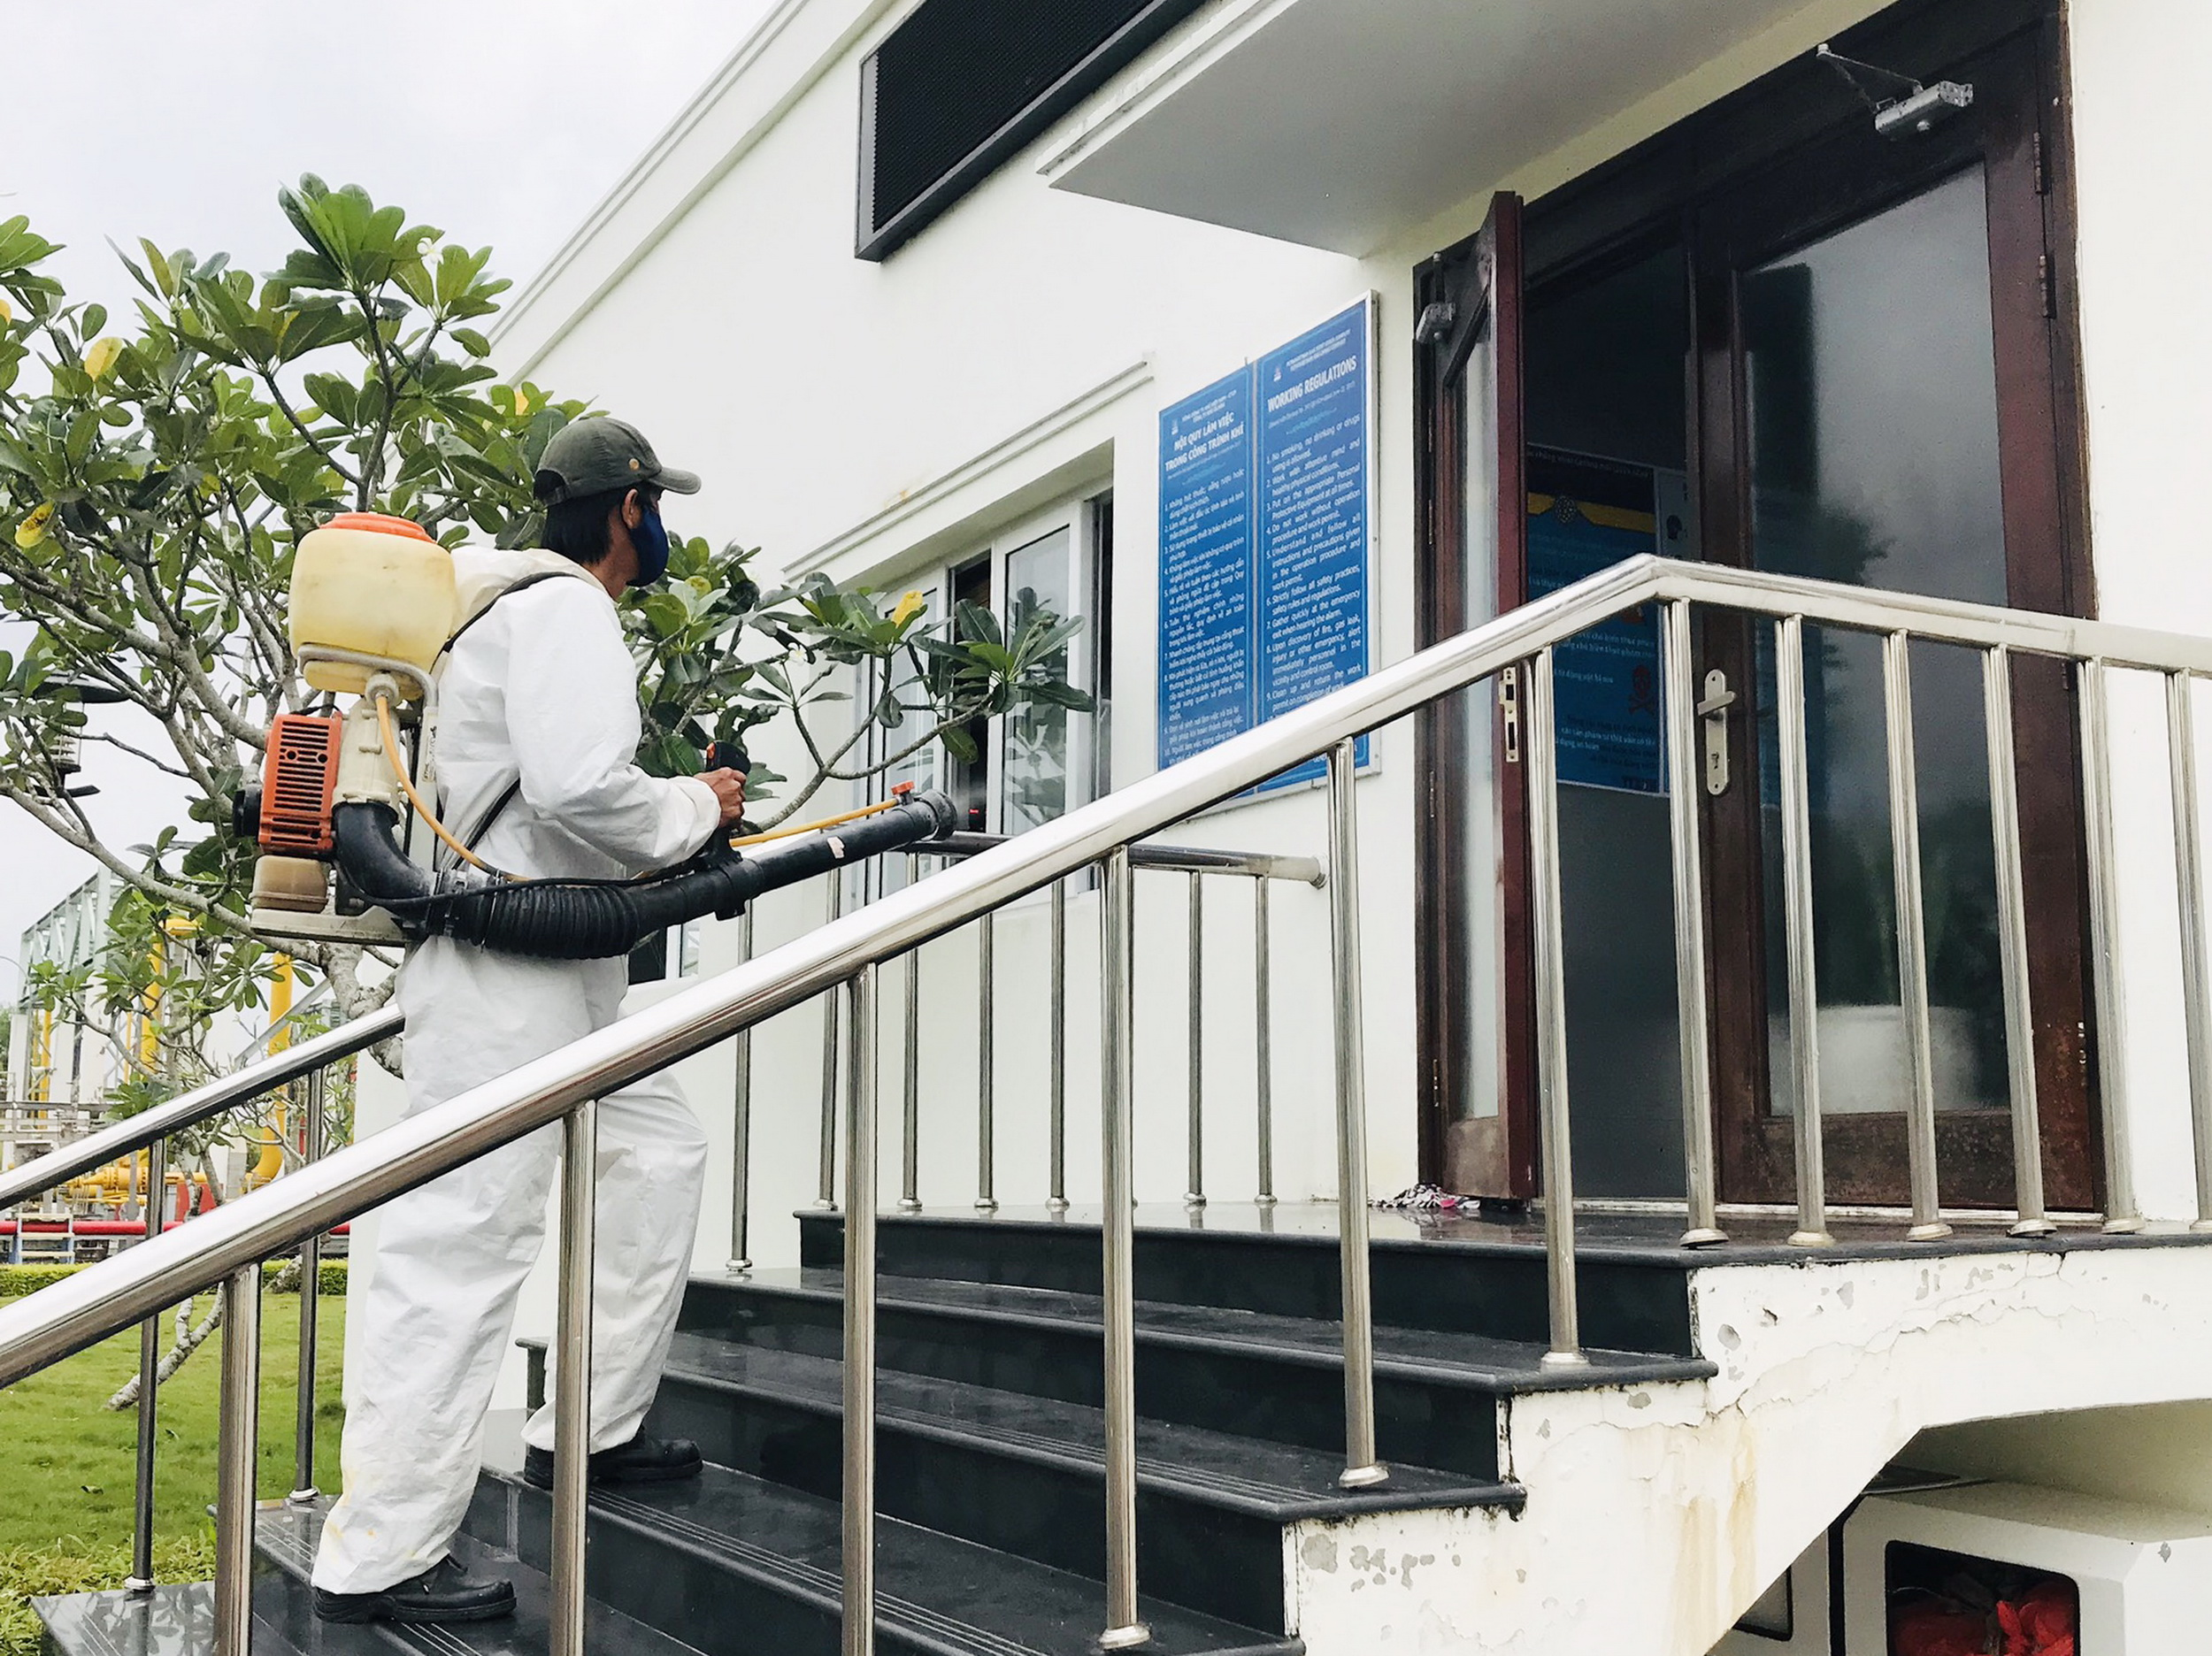 KCM thường xuyên tổ chức phun thuốc khử khuẩn, phòng chống COVID-19